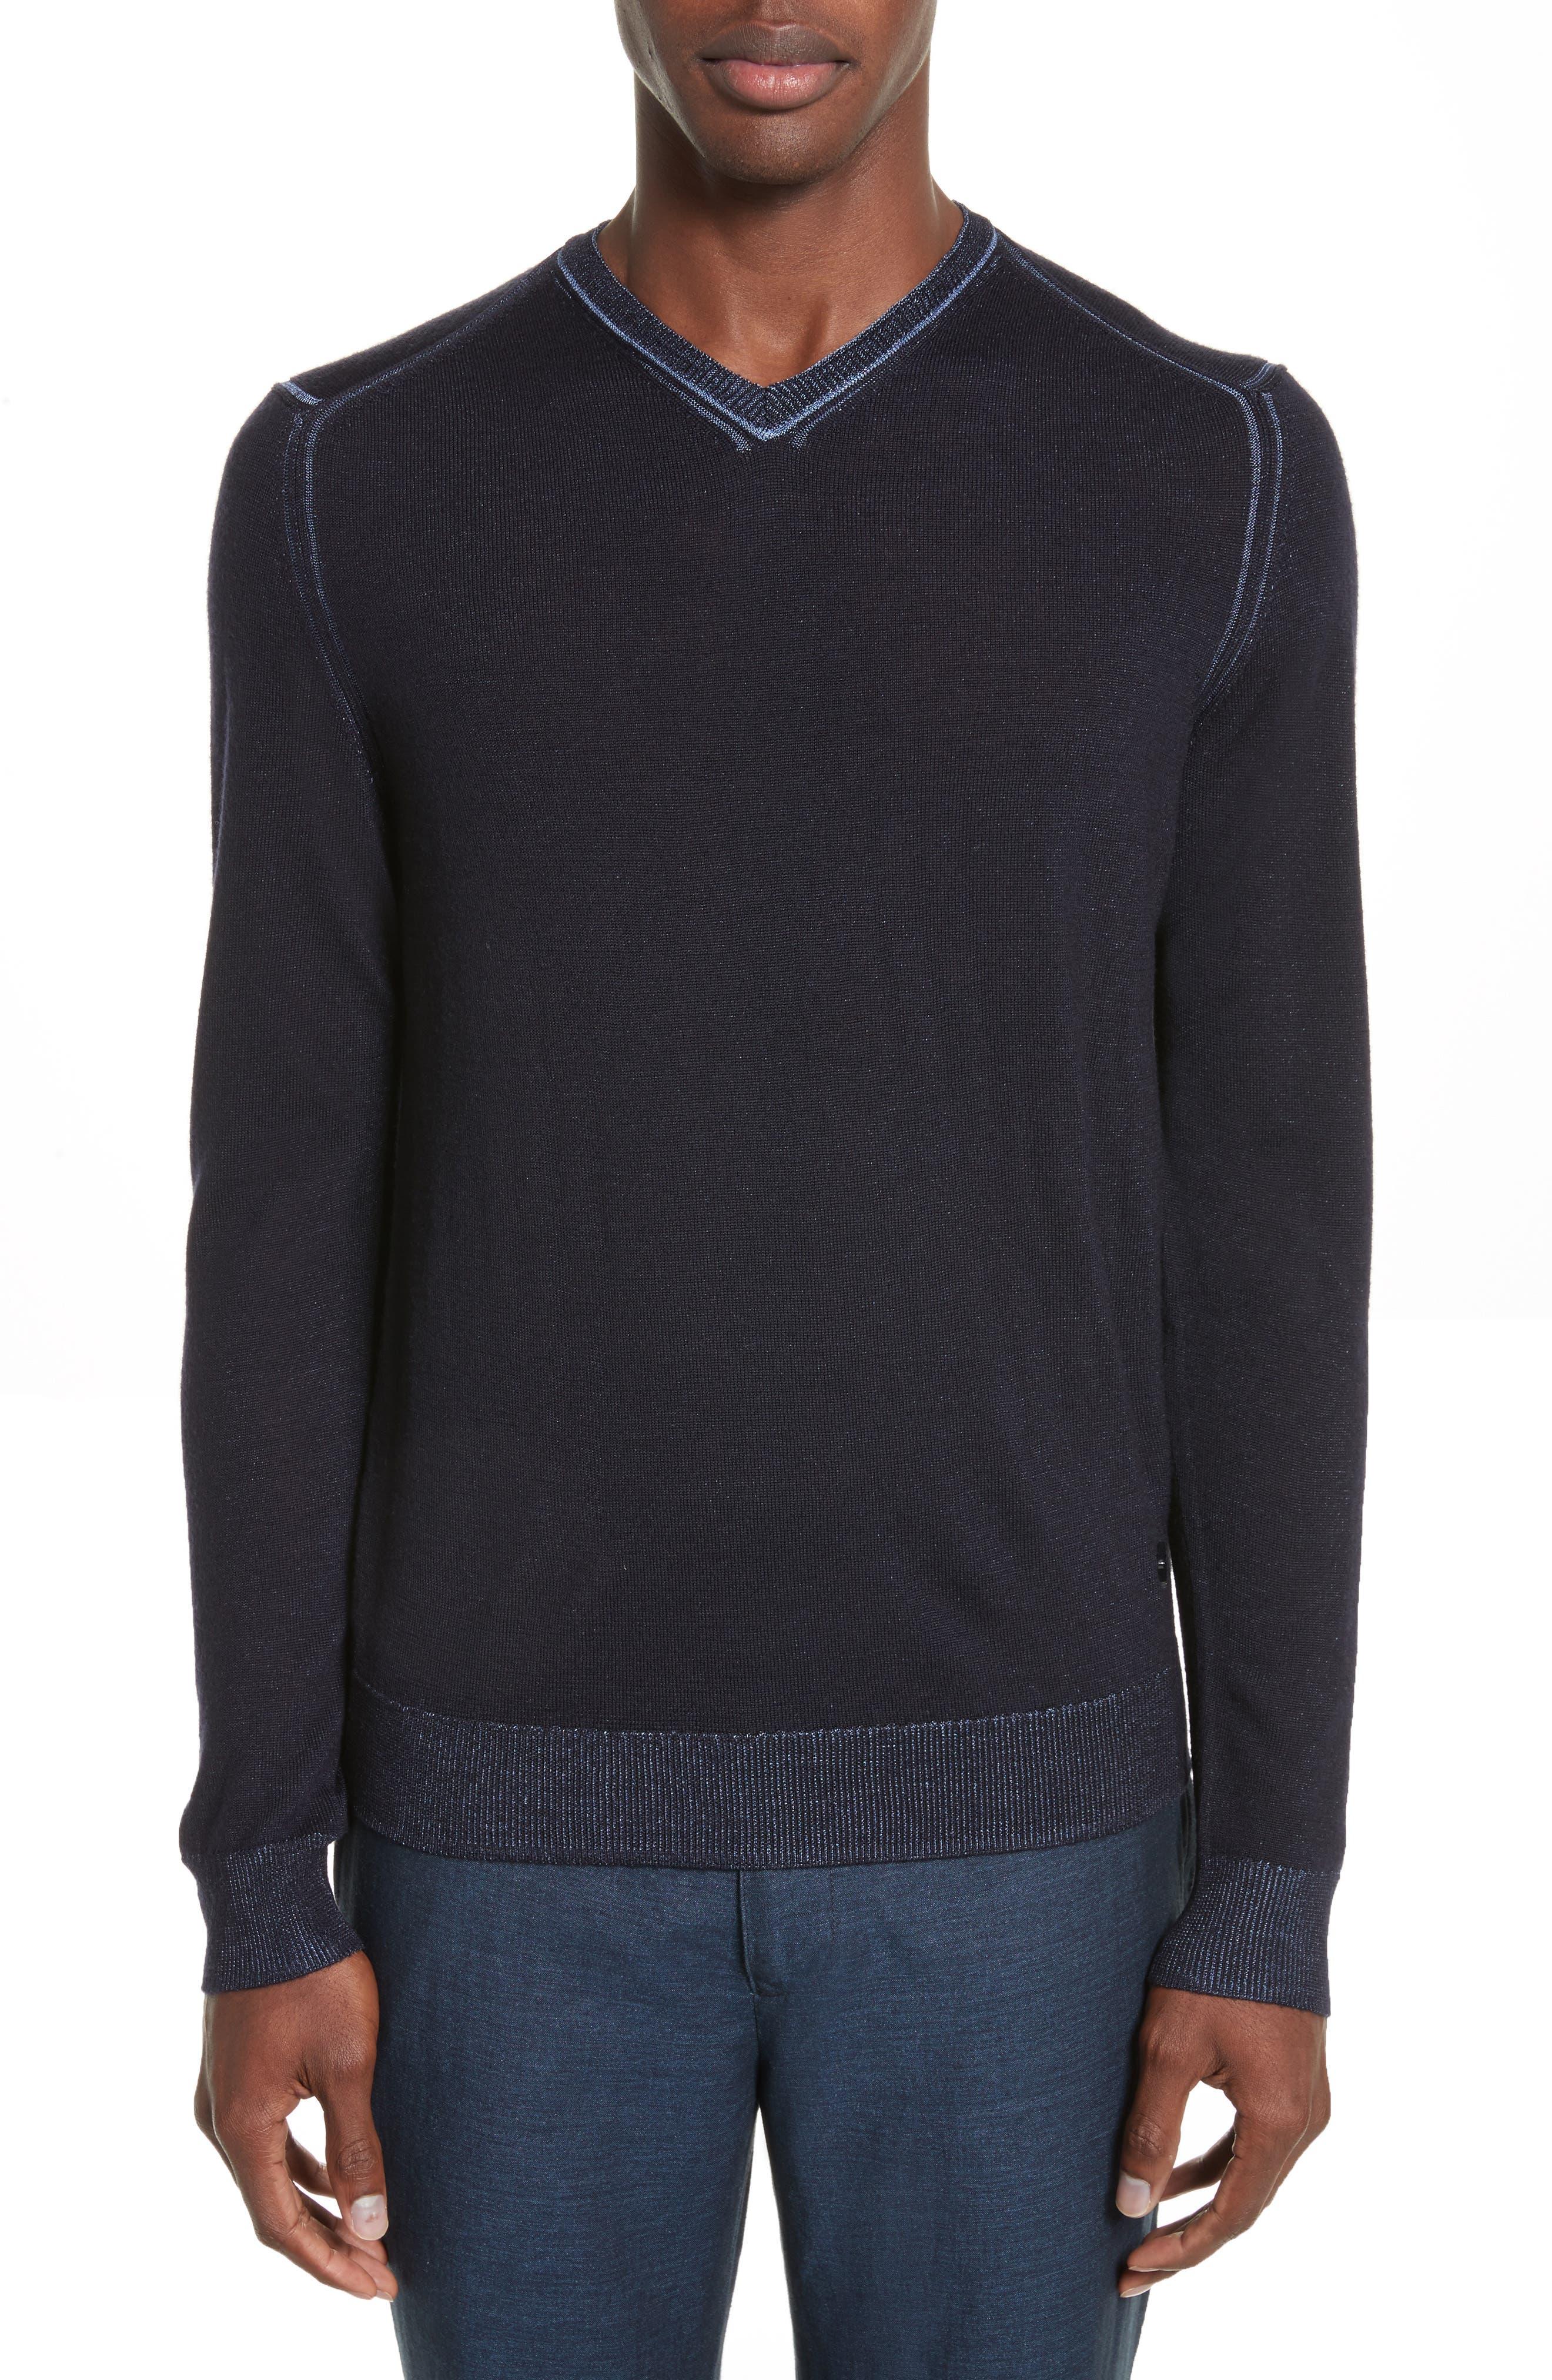 AJ V-Neck Sweater,                             Main thumbnail 1, color,